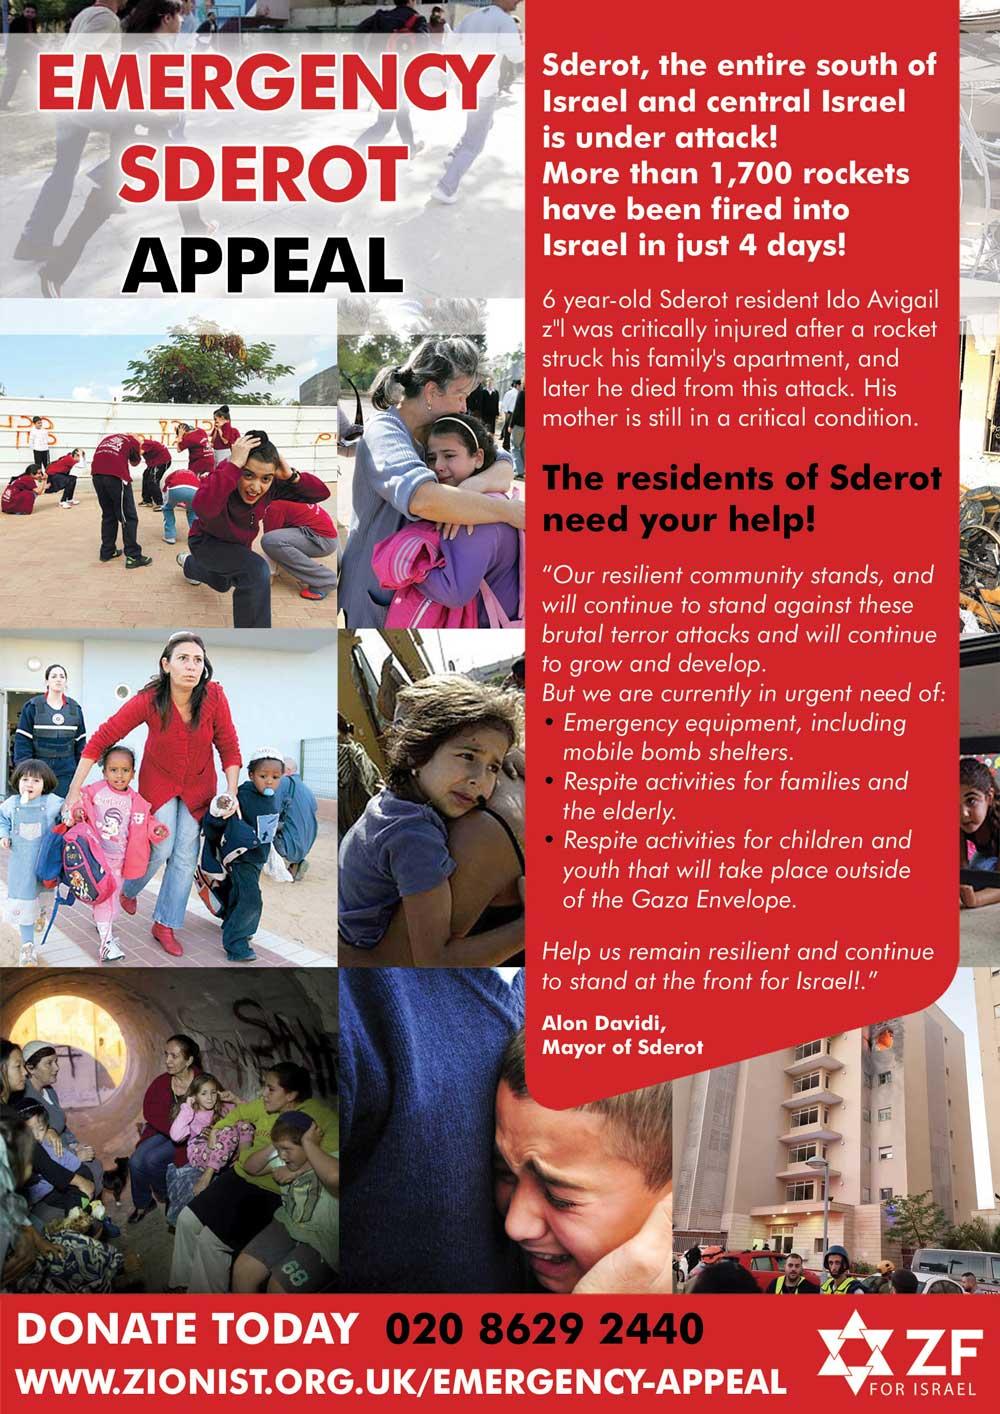 Emergency Appeal for Sderot